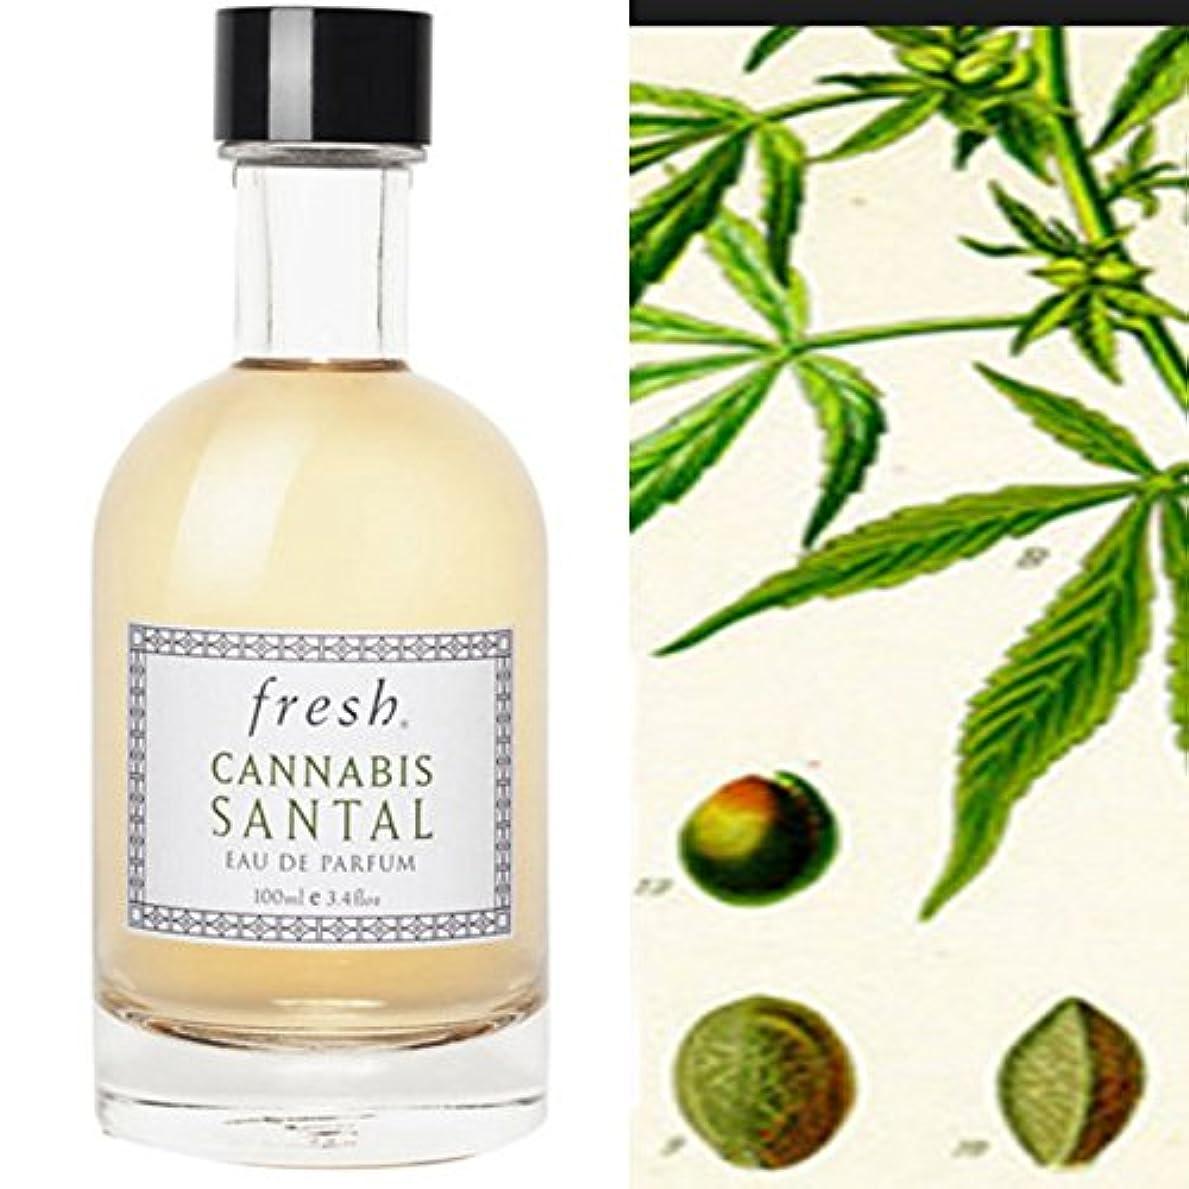 パンフレットマニアシルクFresh (フレッシュ) 大麻サンタルオードパルファム,100ml(3.4oz)- Cannabis Santal 。 [並行輸入品] [海外直送品]